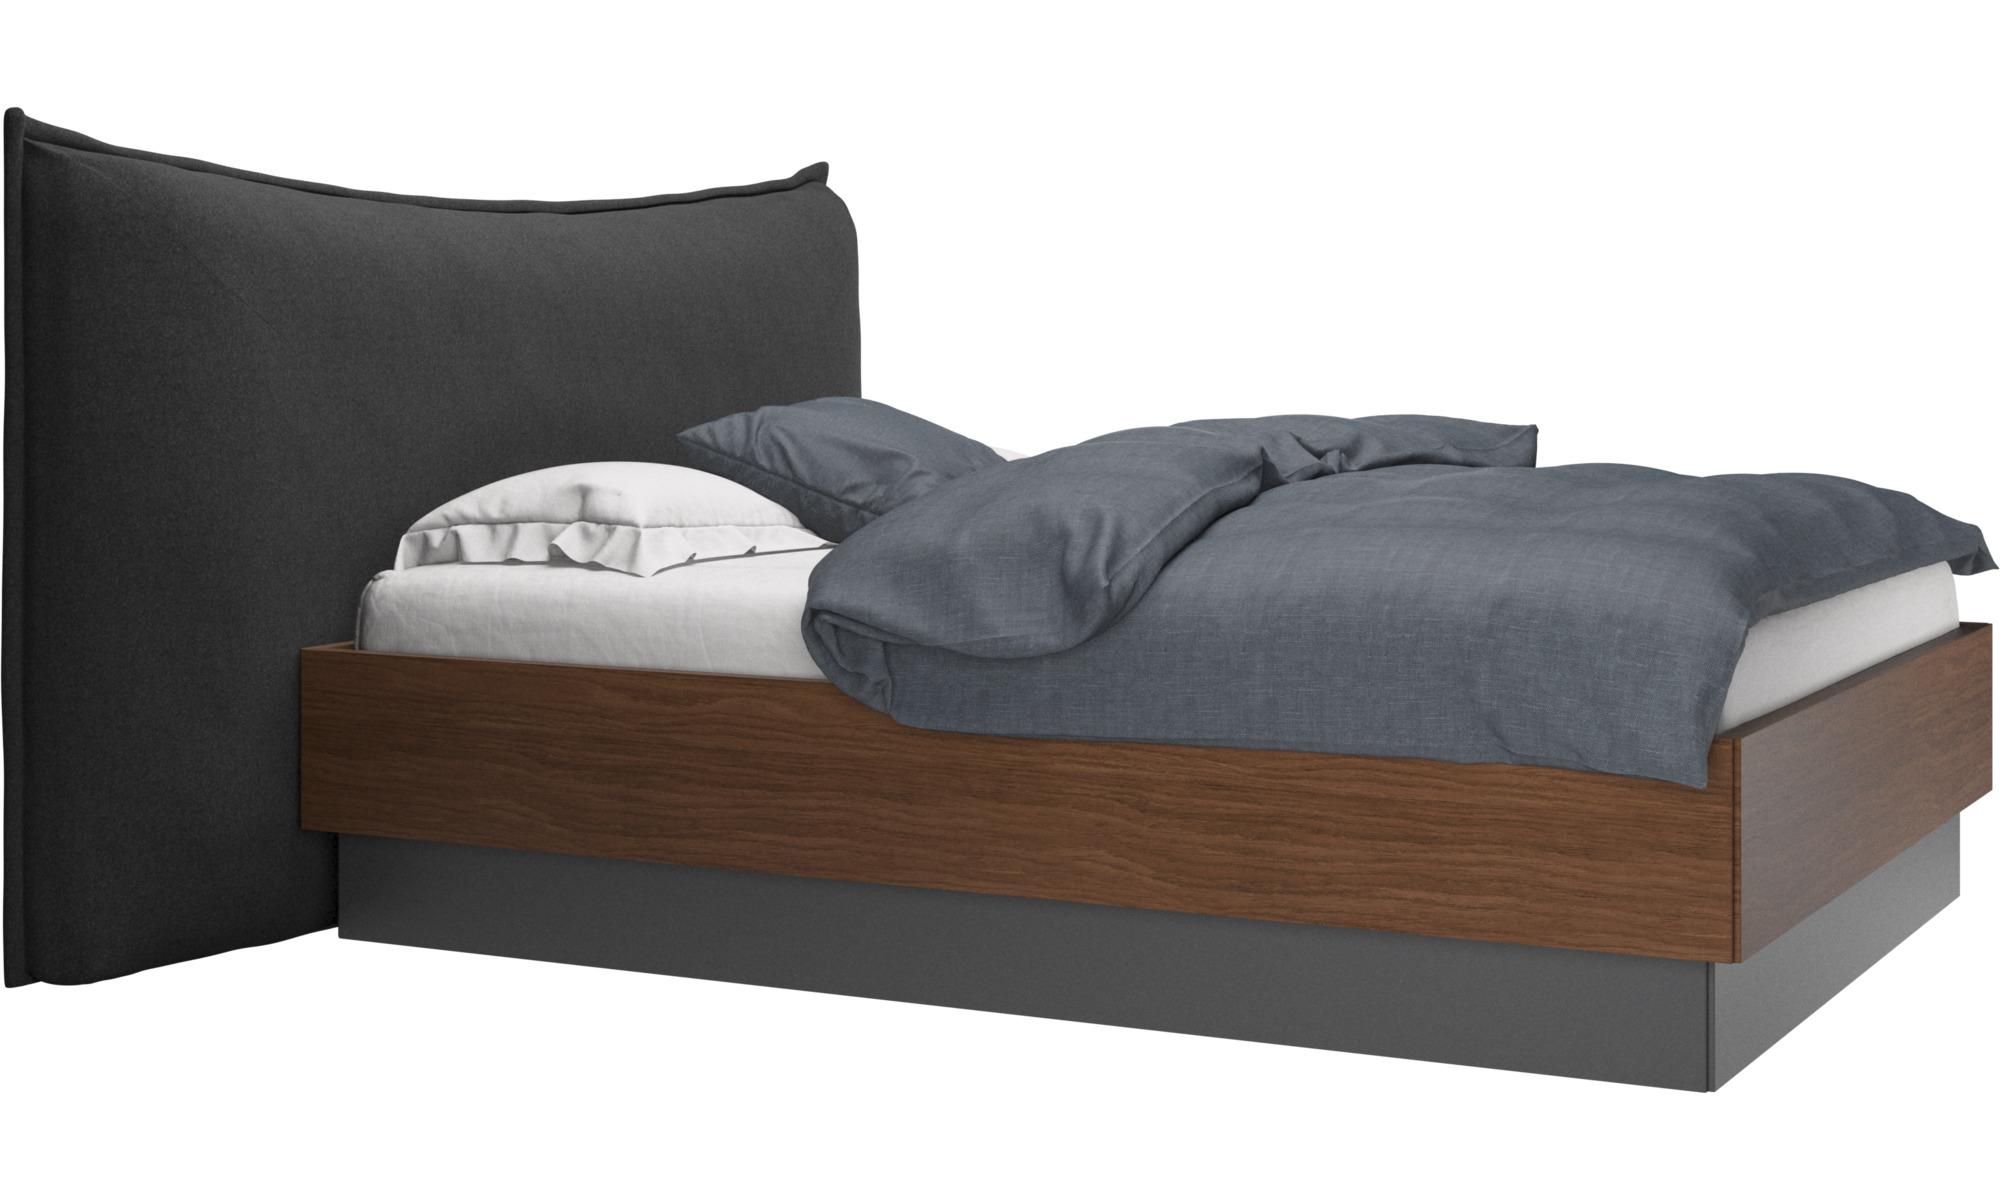 Camas cama con canap estructura elevable y tablado no for Canape y colchon